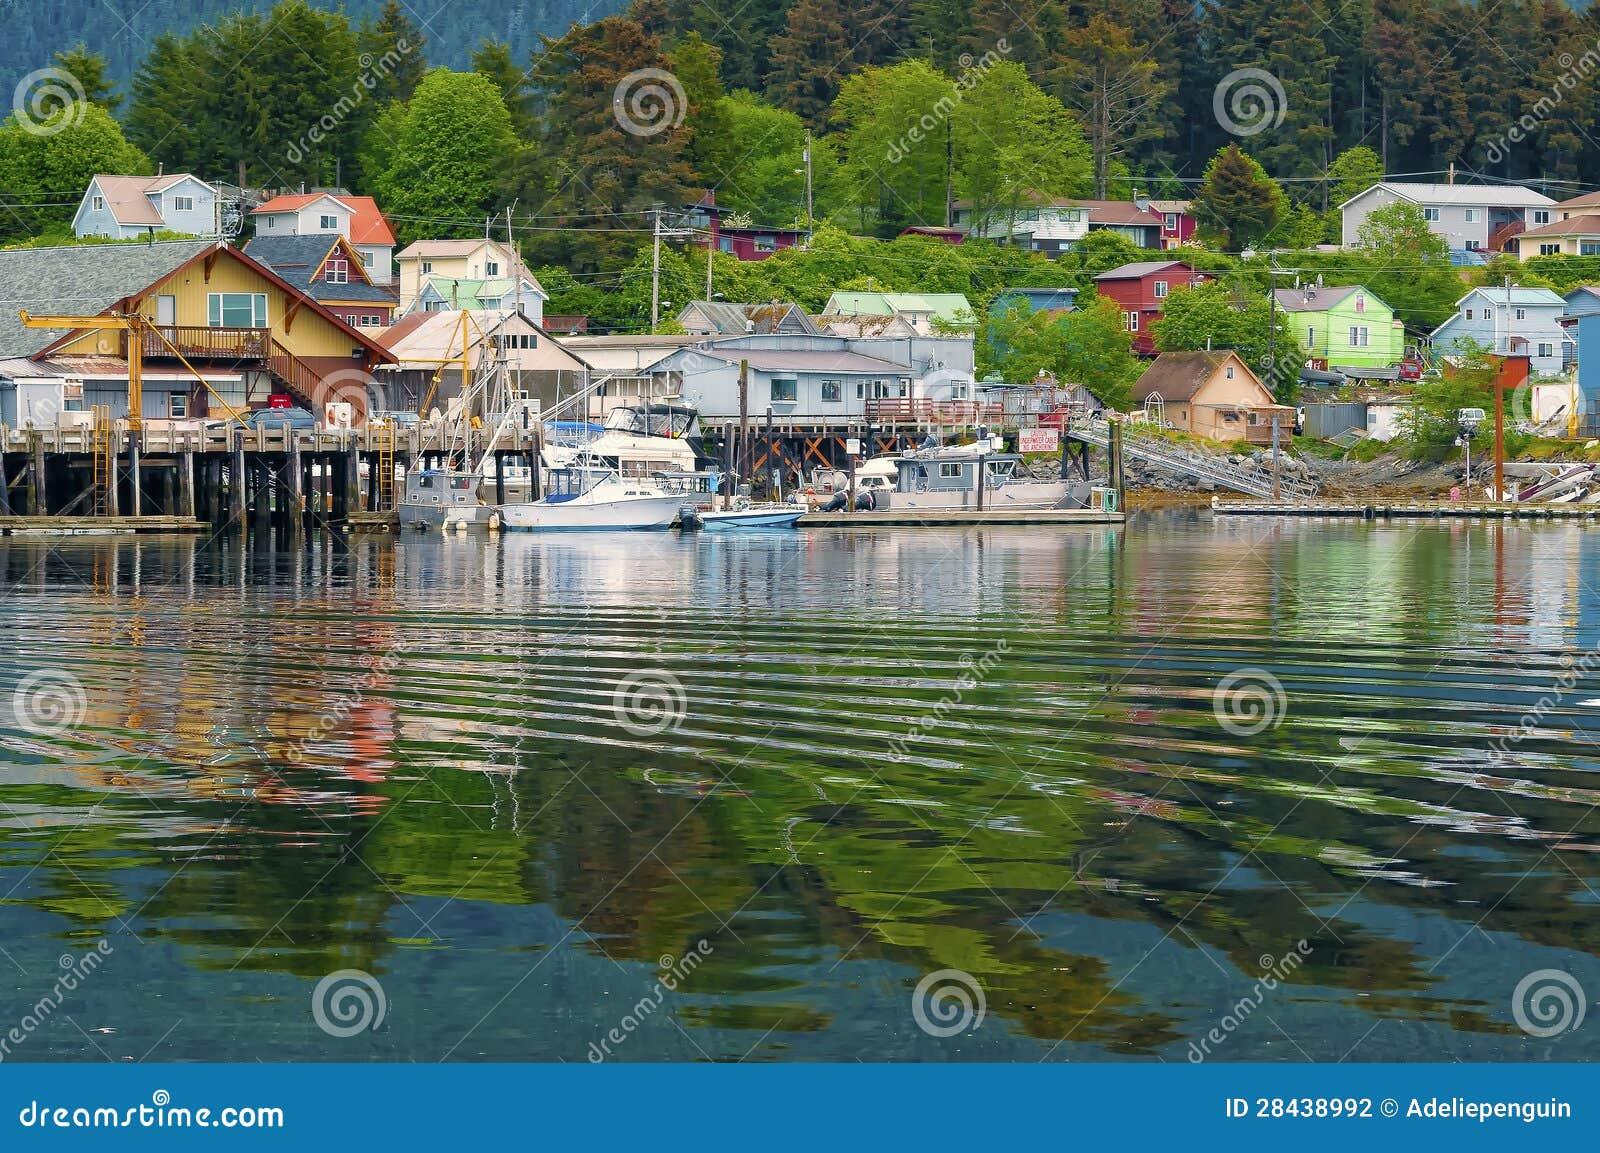 Houses and Businesses, Sitka Alaska